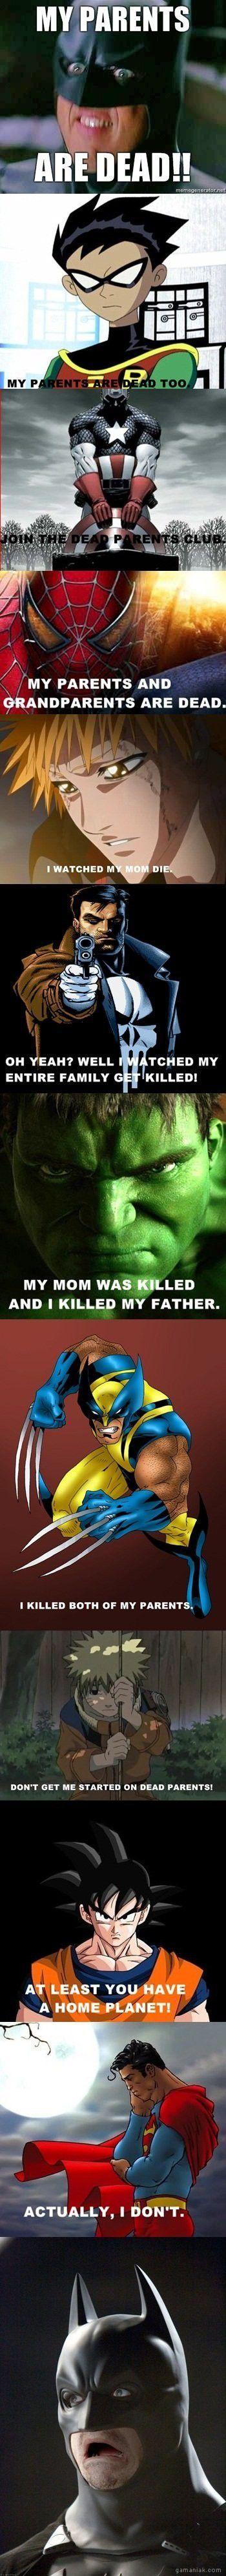 heros-dont-parents-sont-morts